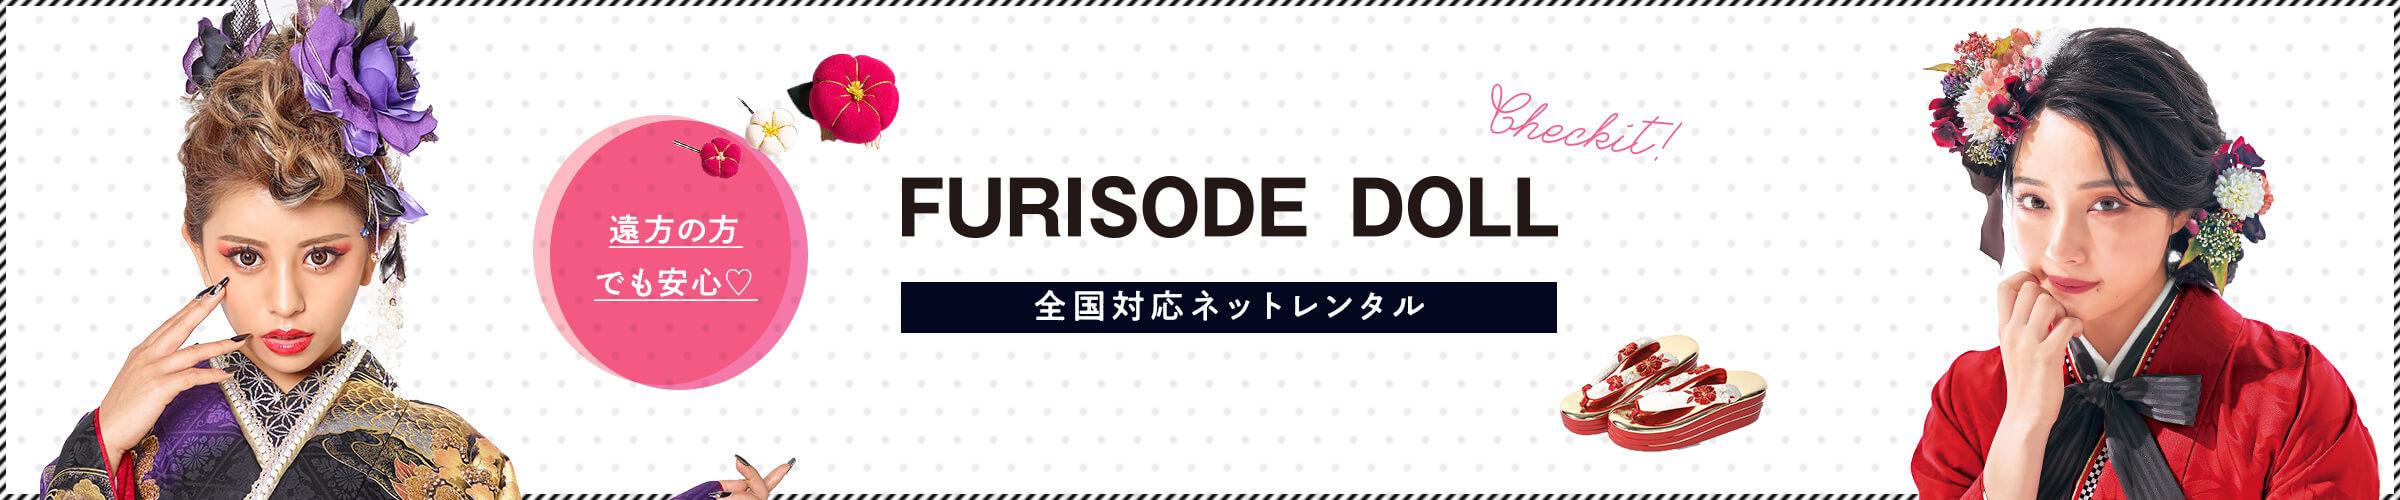 FURISODE DOLL 公式オンラインストア